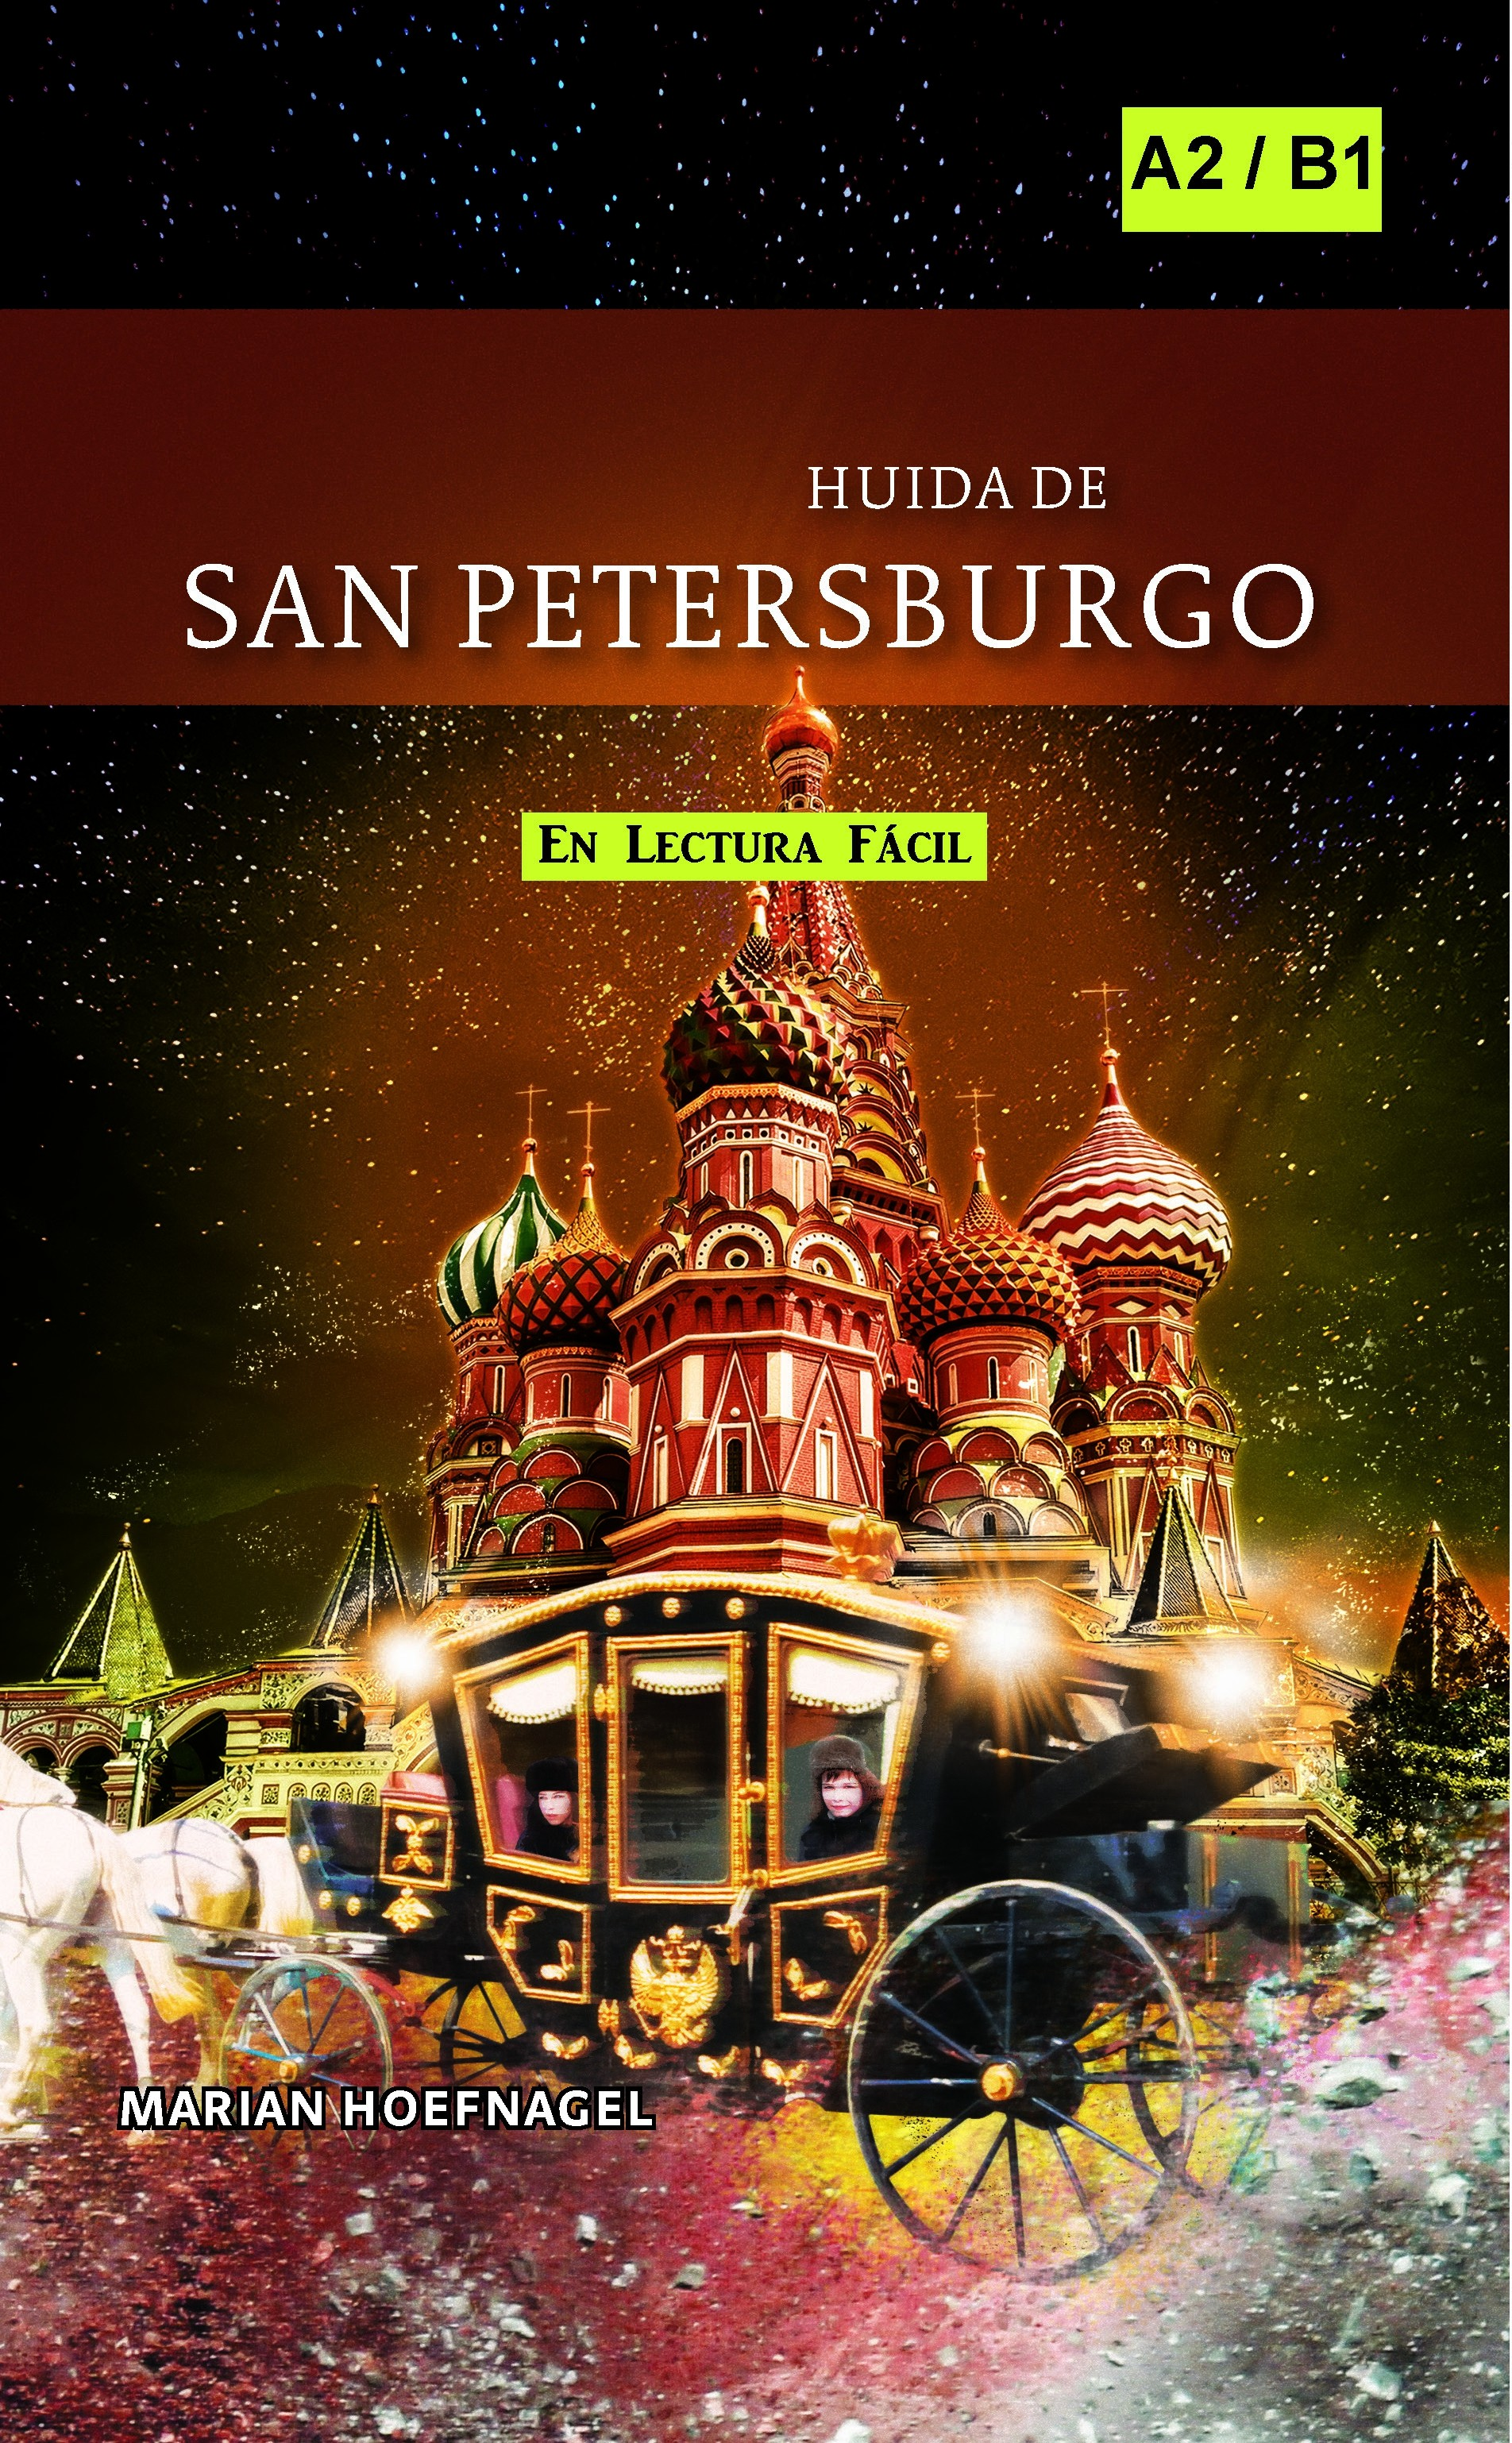 Huida de San Petersburgo